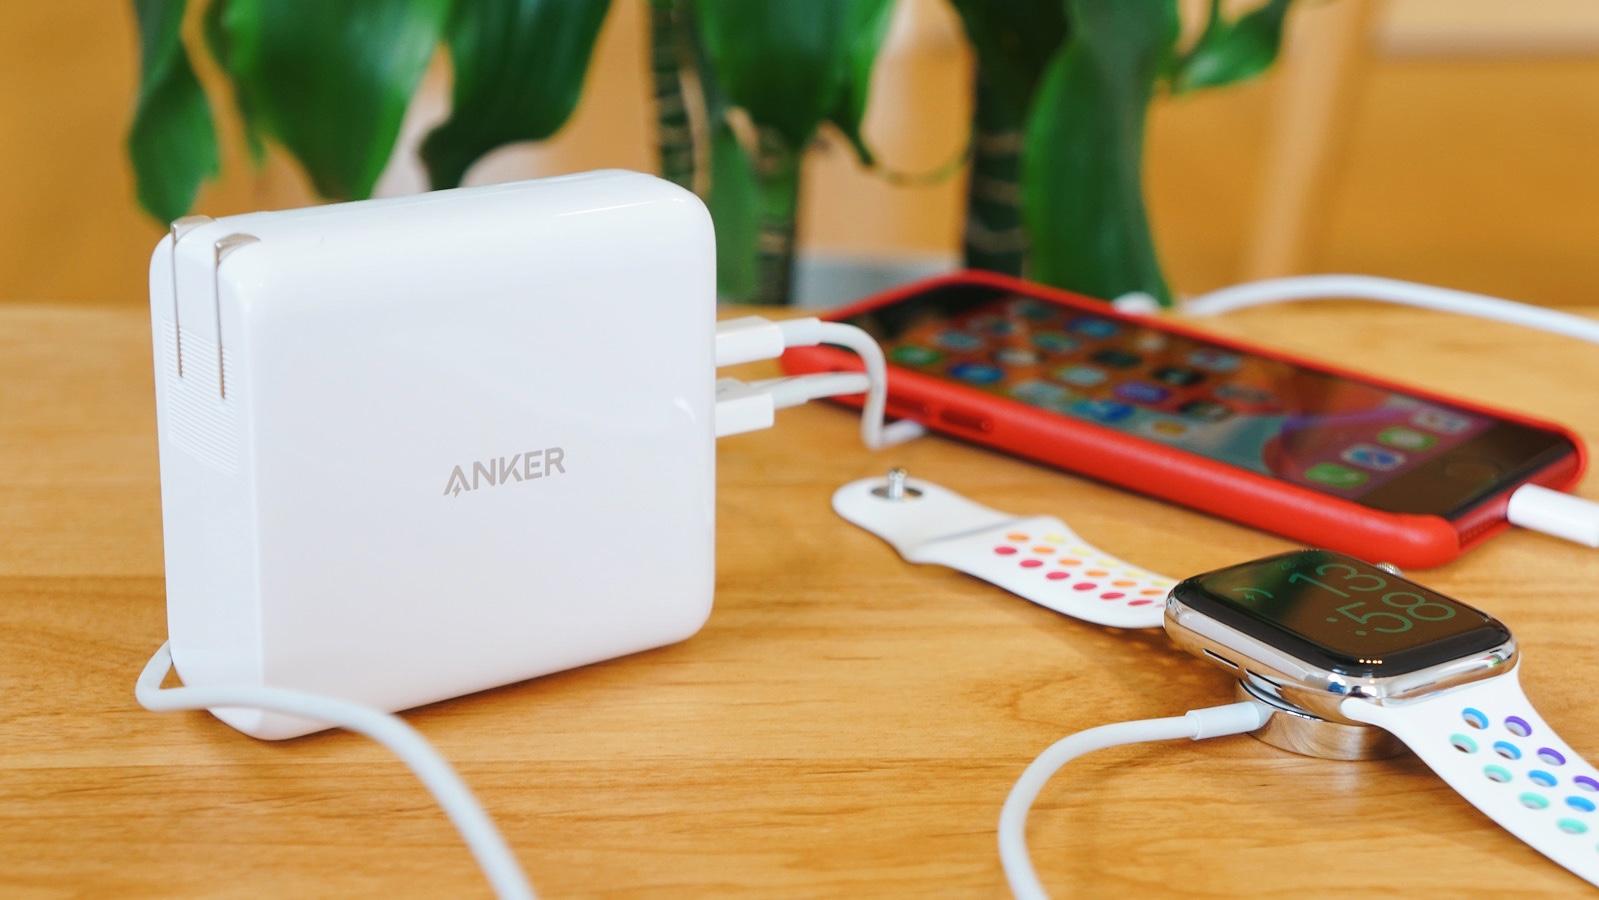 バッテリ&急速充電器「Anker PowerCore lll Fusion 5000」レビュー